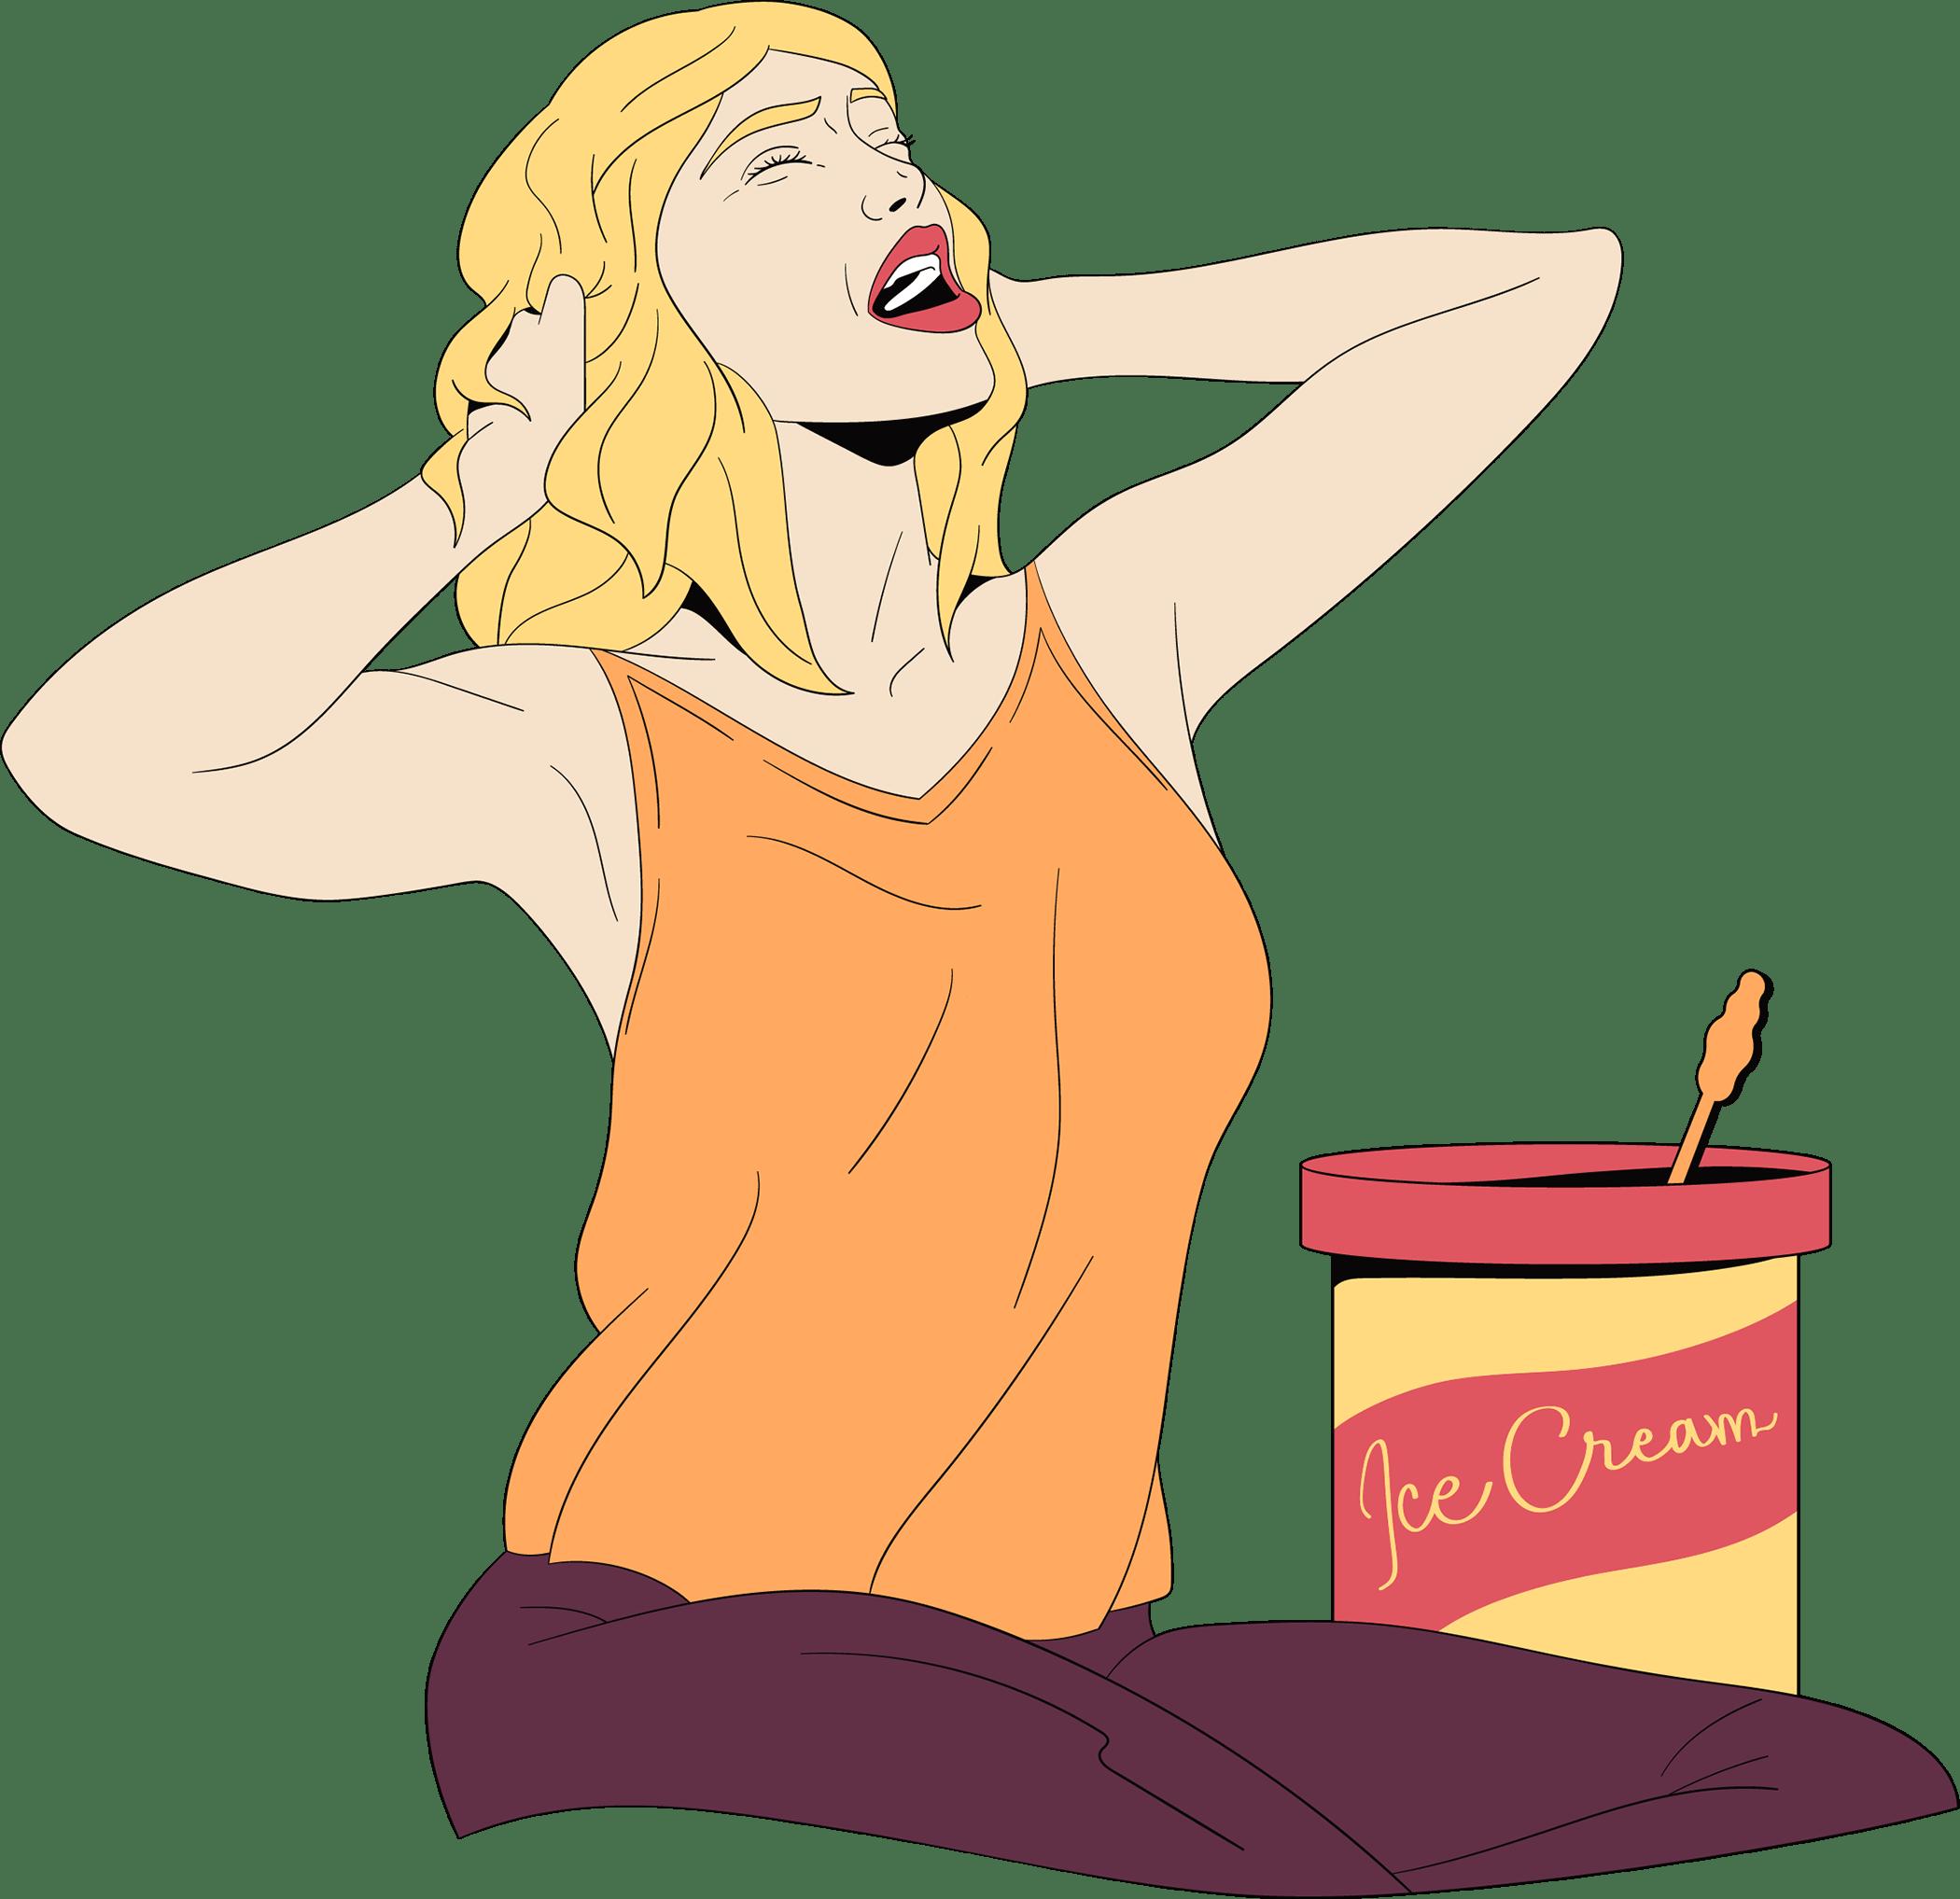 Een vrouw trekt (figuurlijk) de haren uit haar hoofd omdat ze liefdesverdriet heeft en duidelijkheid wilt